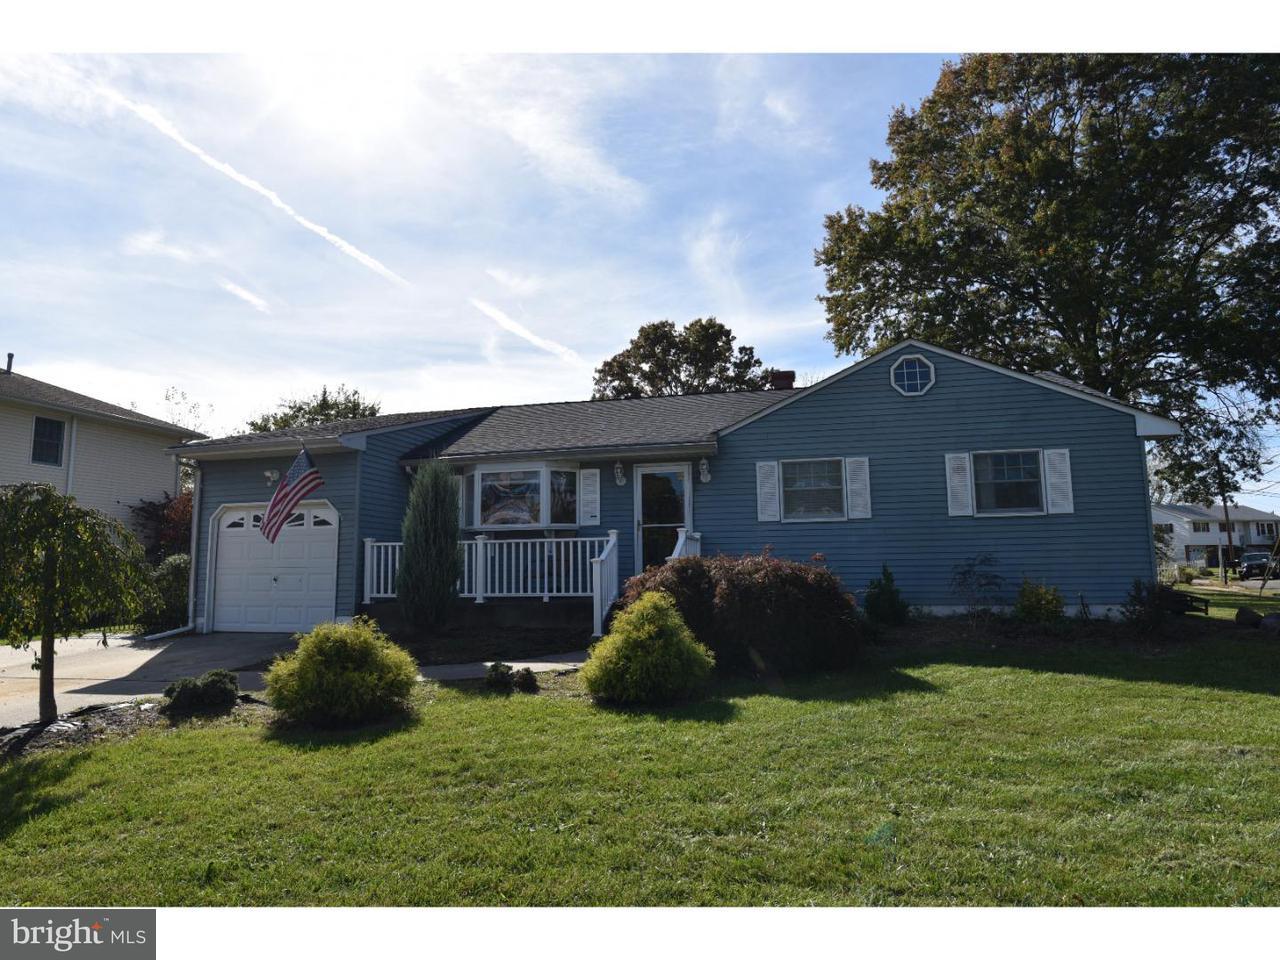 Maison unifamiliale pour l Vente à 1041 ESTATES BLVD Hamilton Square, New Jersey 08690 États-UnisDans/Autour: Hamilton Township